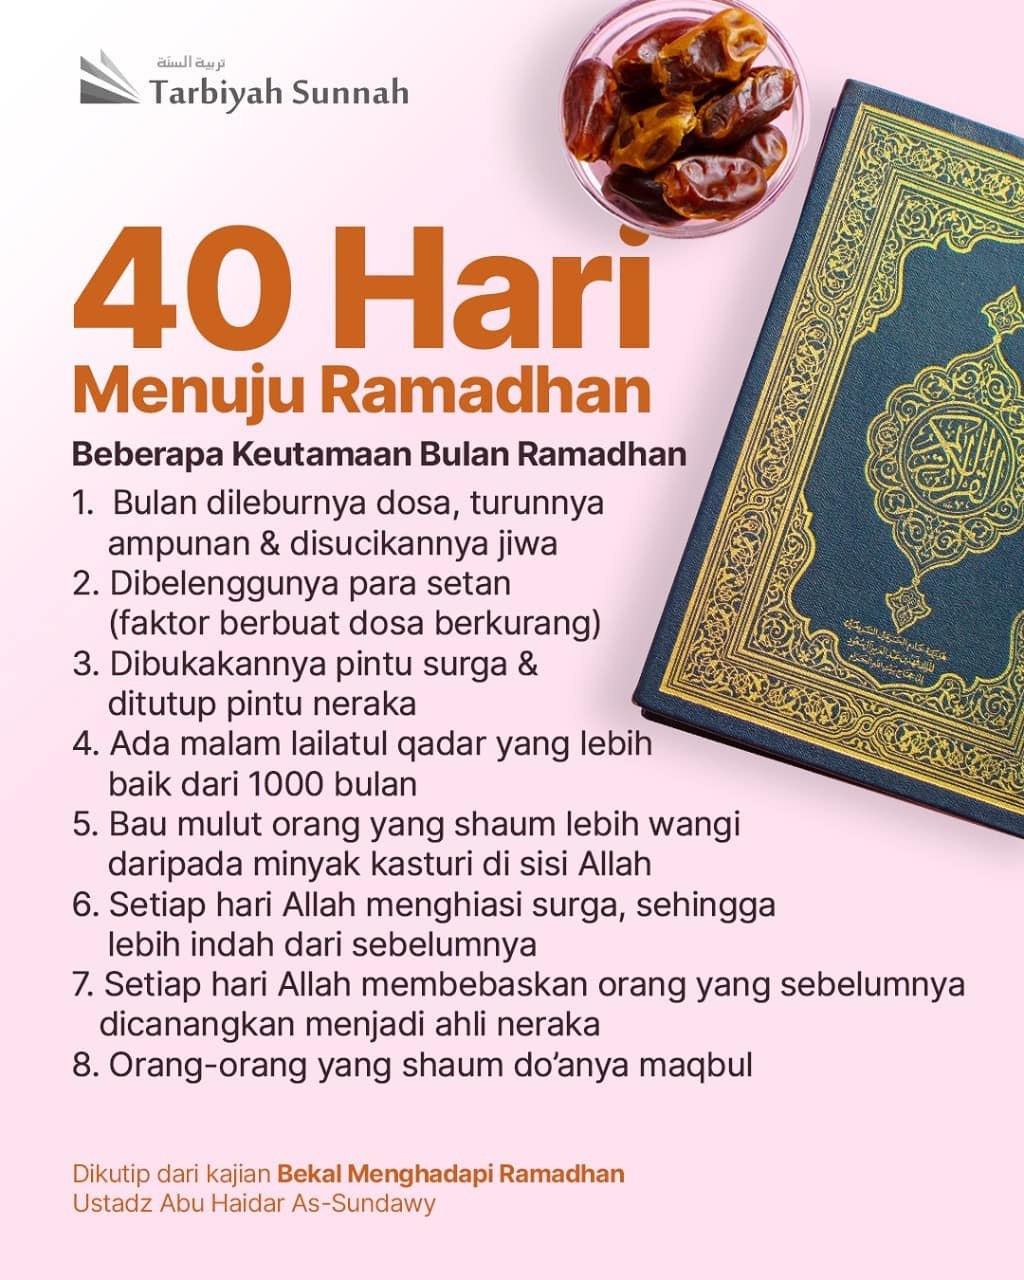 40-hari-menuju-ramadhan